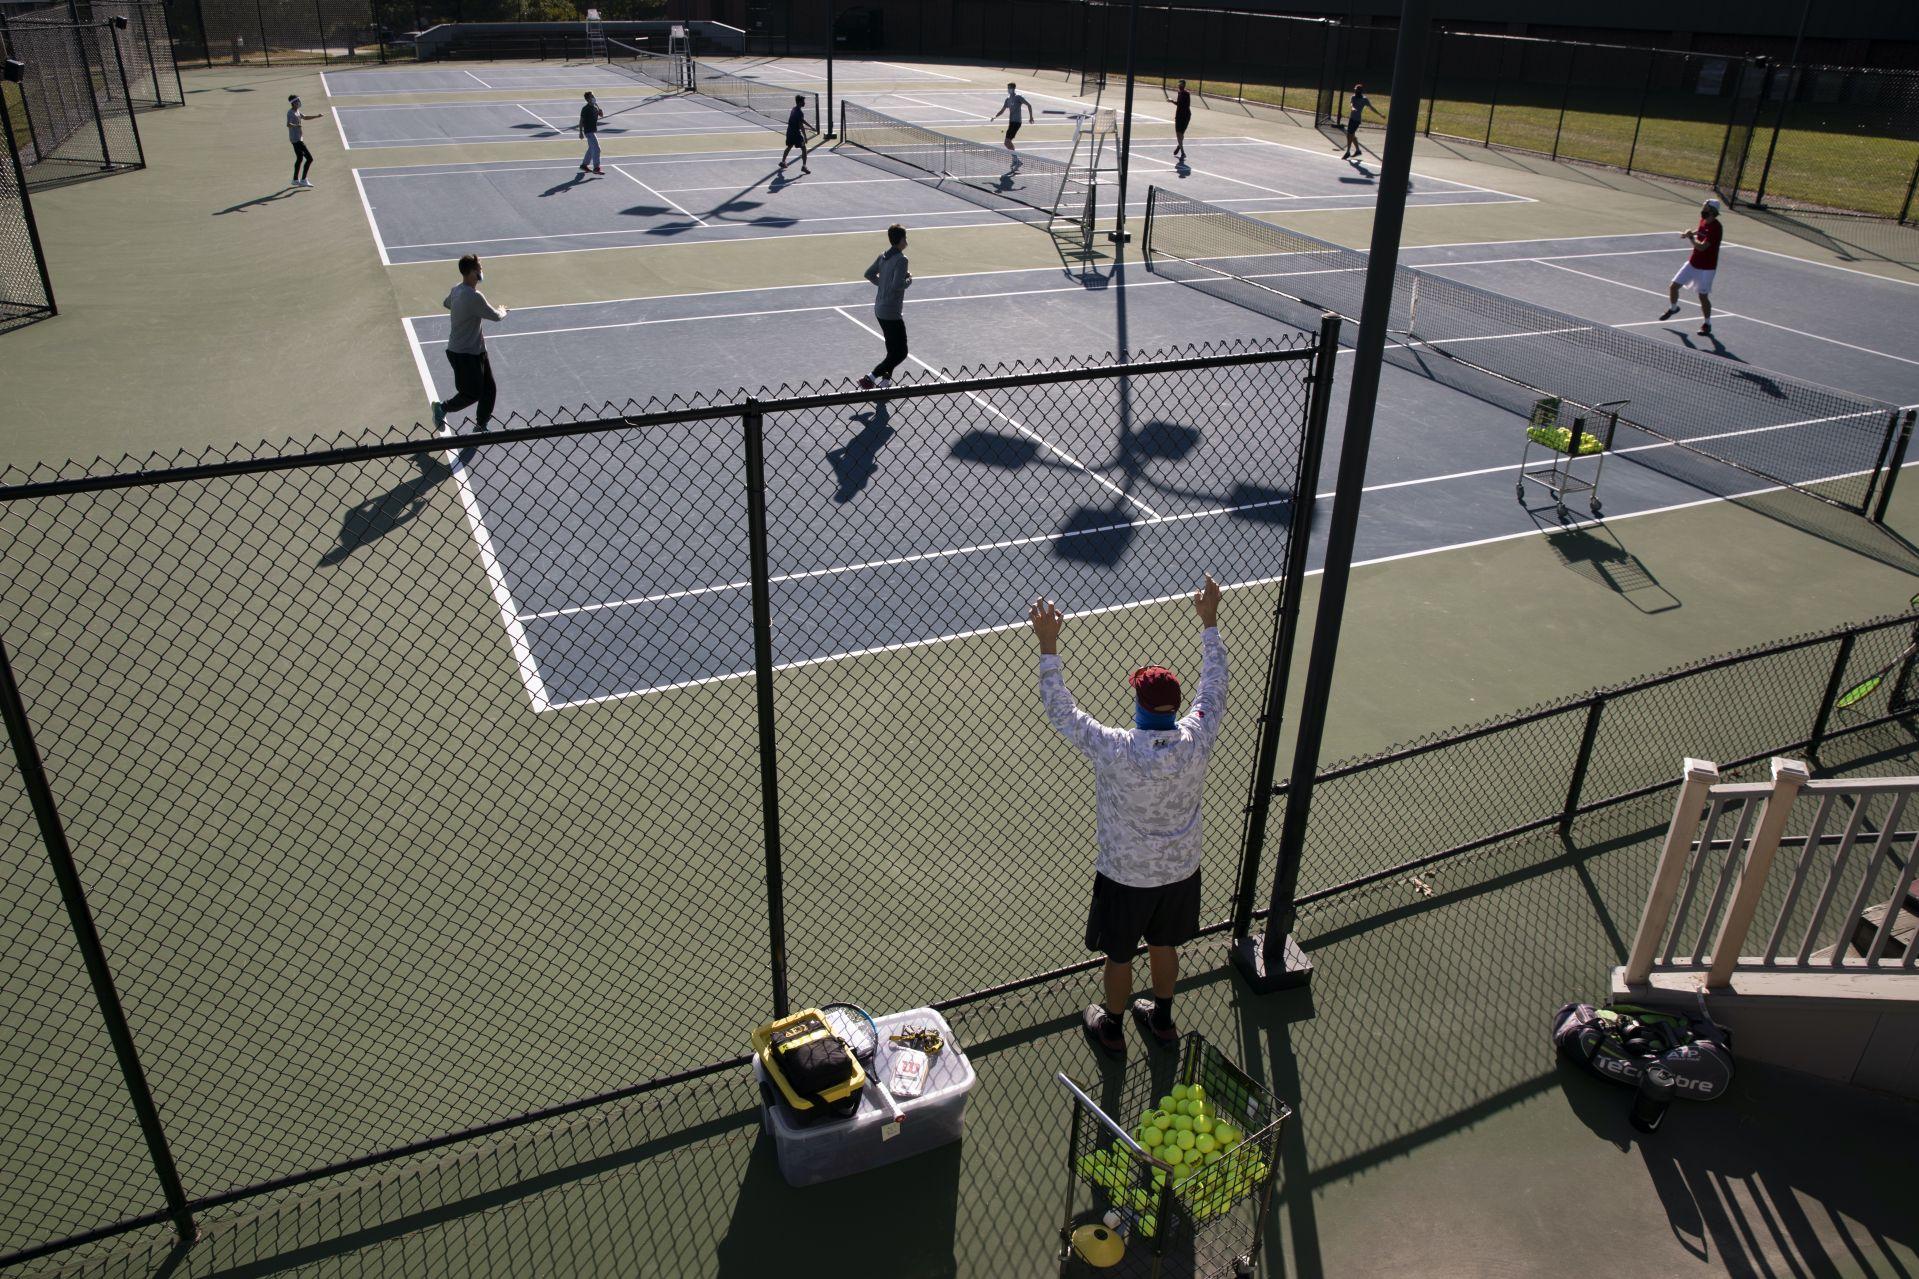 Men's tennis practice